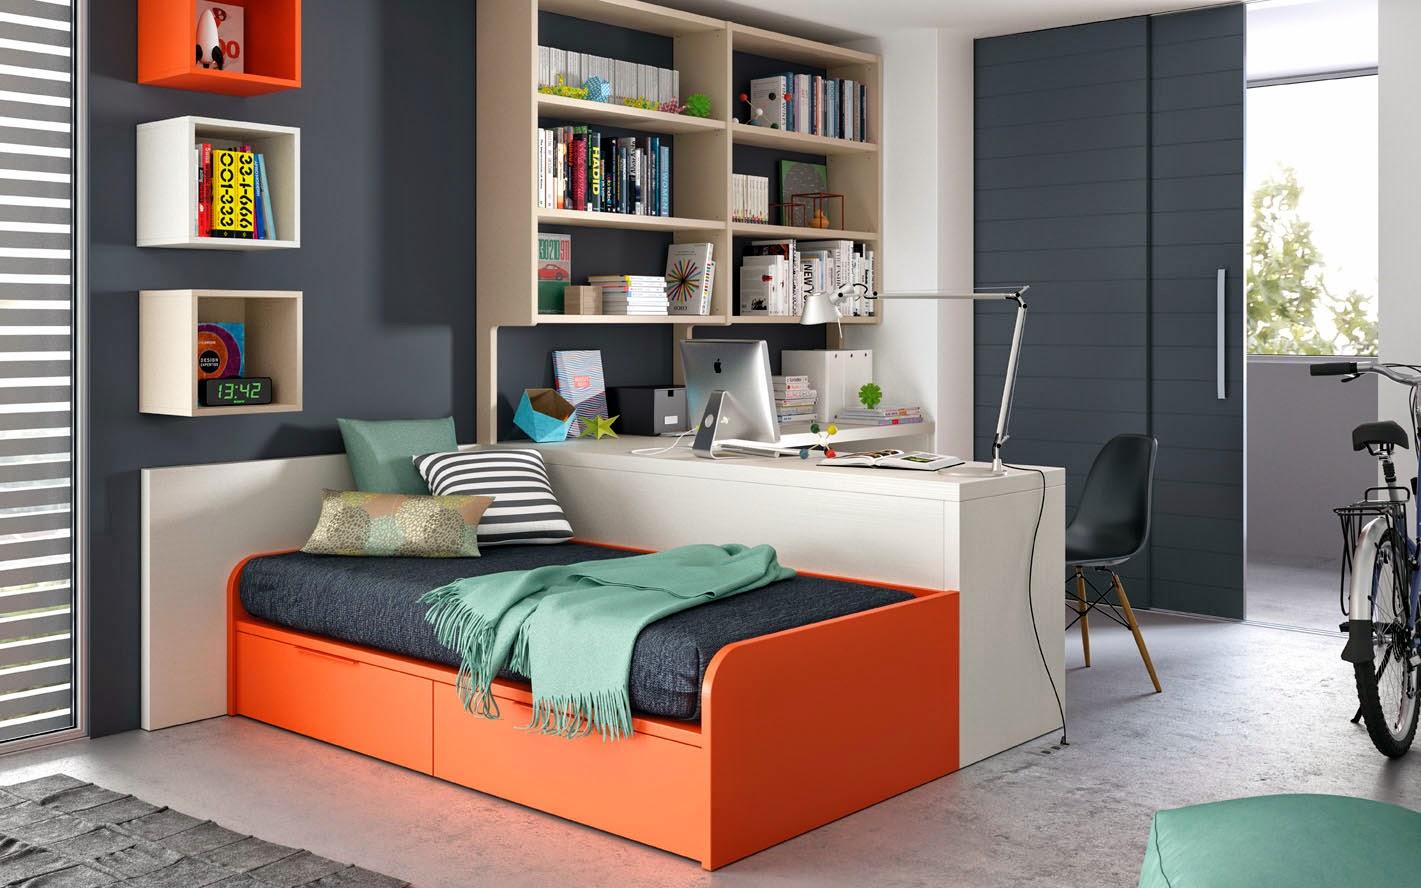 Novedades en dormitorios juveniles for Dormitorio original